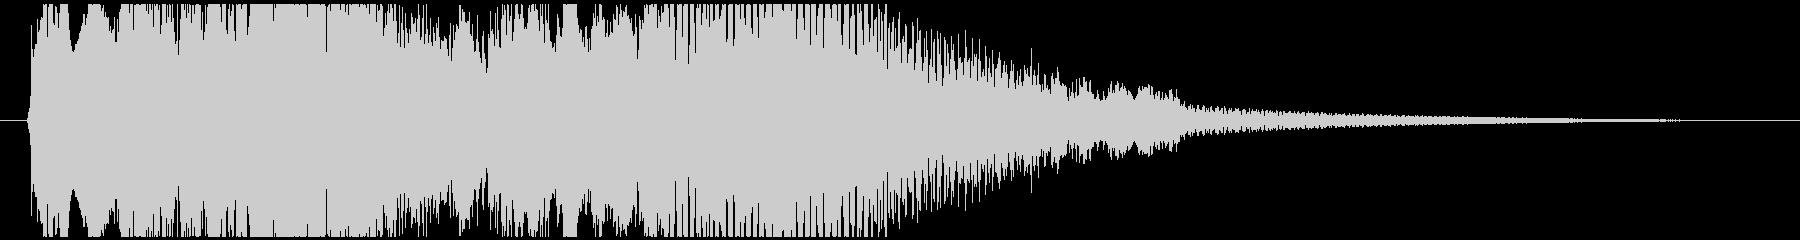 尺八と琴の静かなジングルです(12秒)の未再生の波形